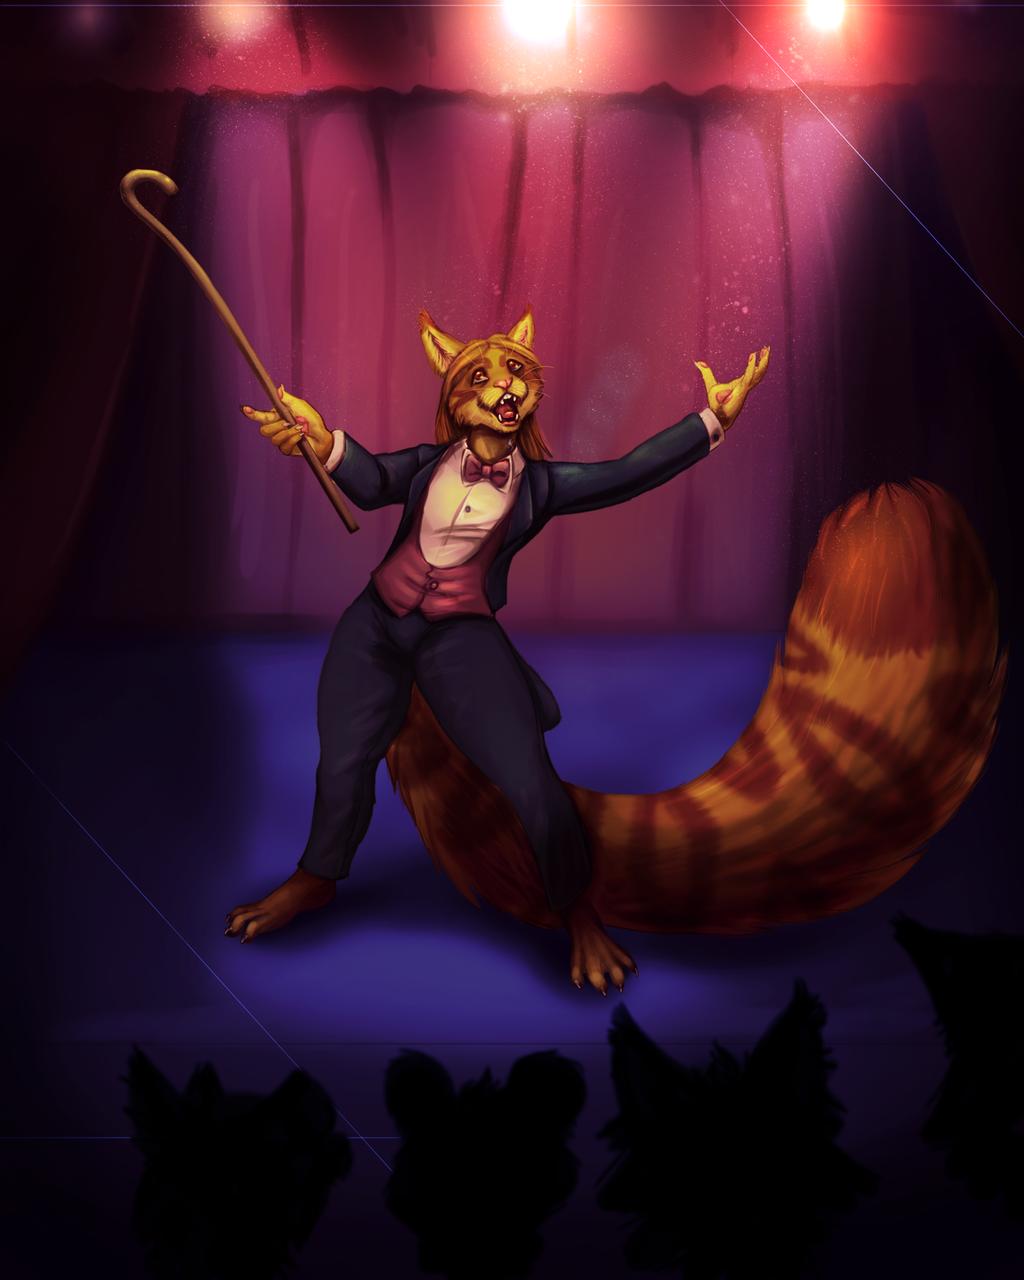 Maven Treecat - Willkommen, bienvenue, welcome!